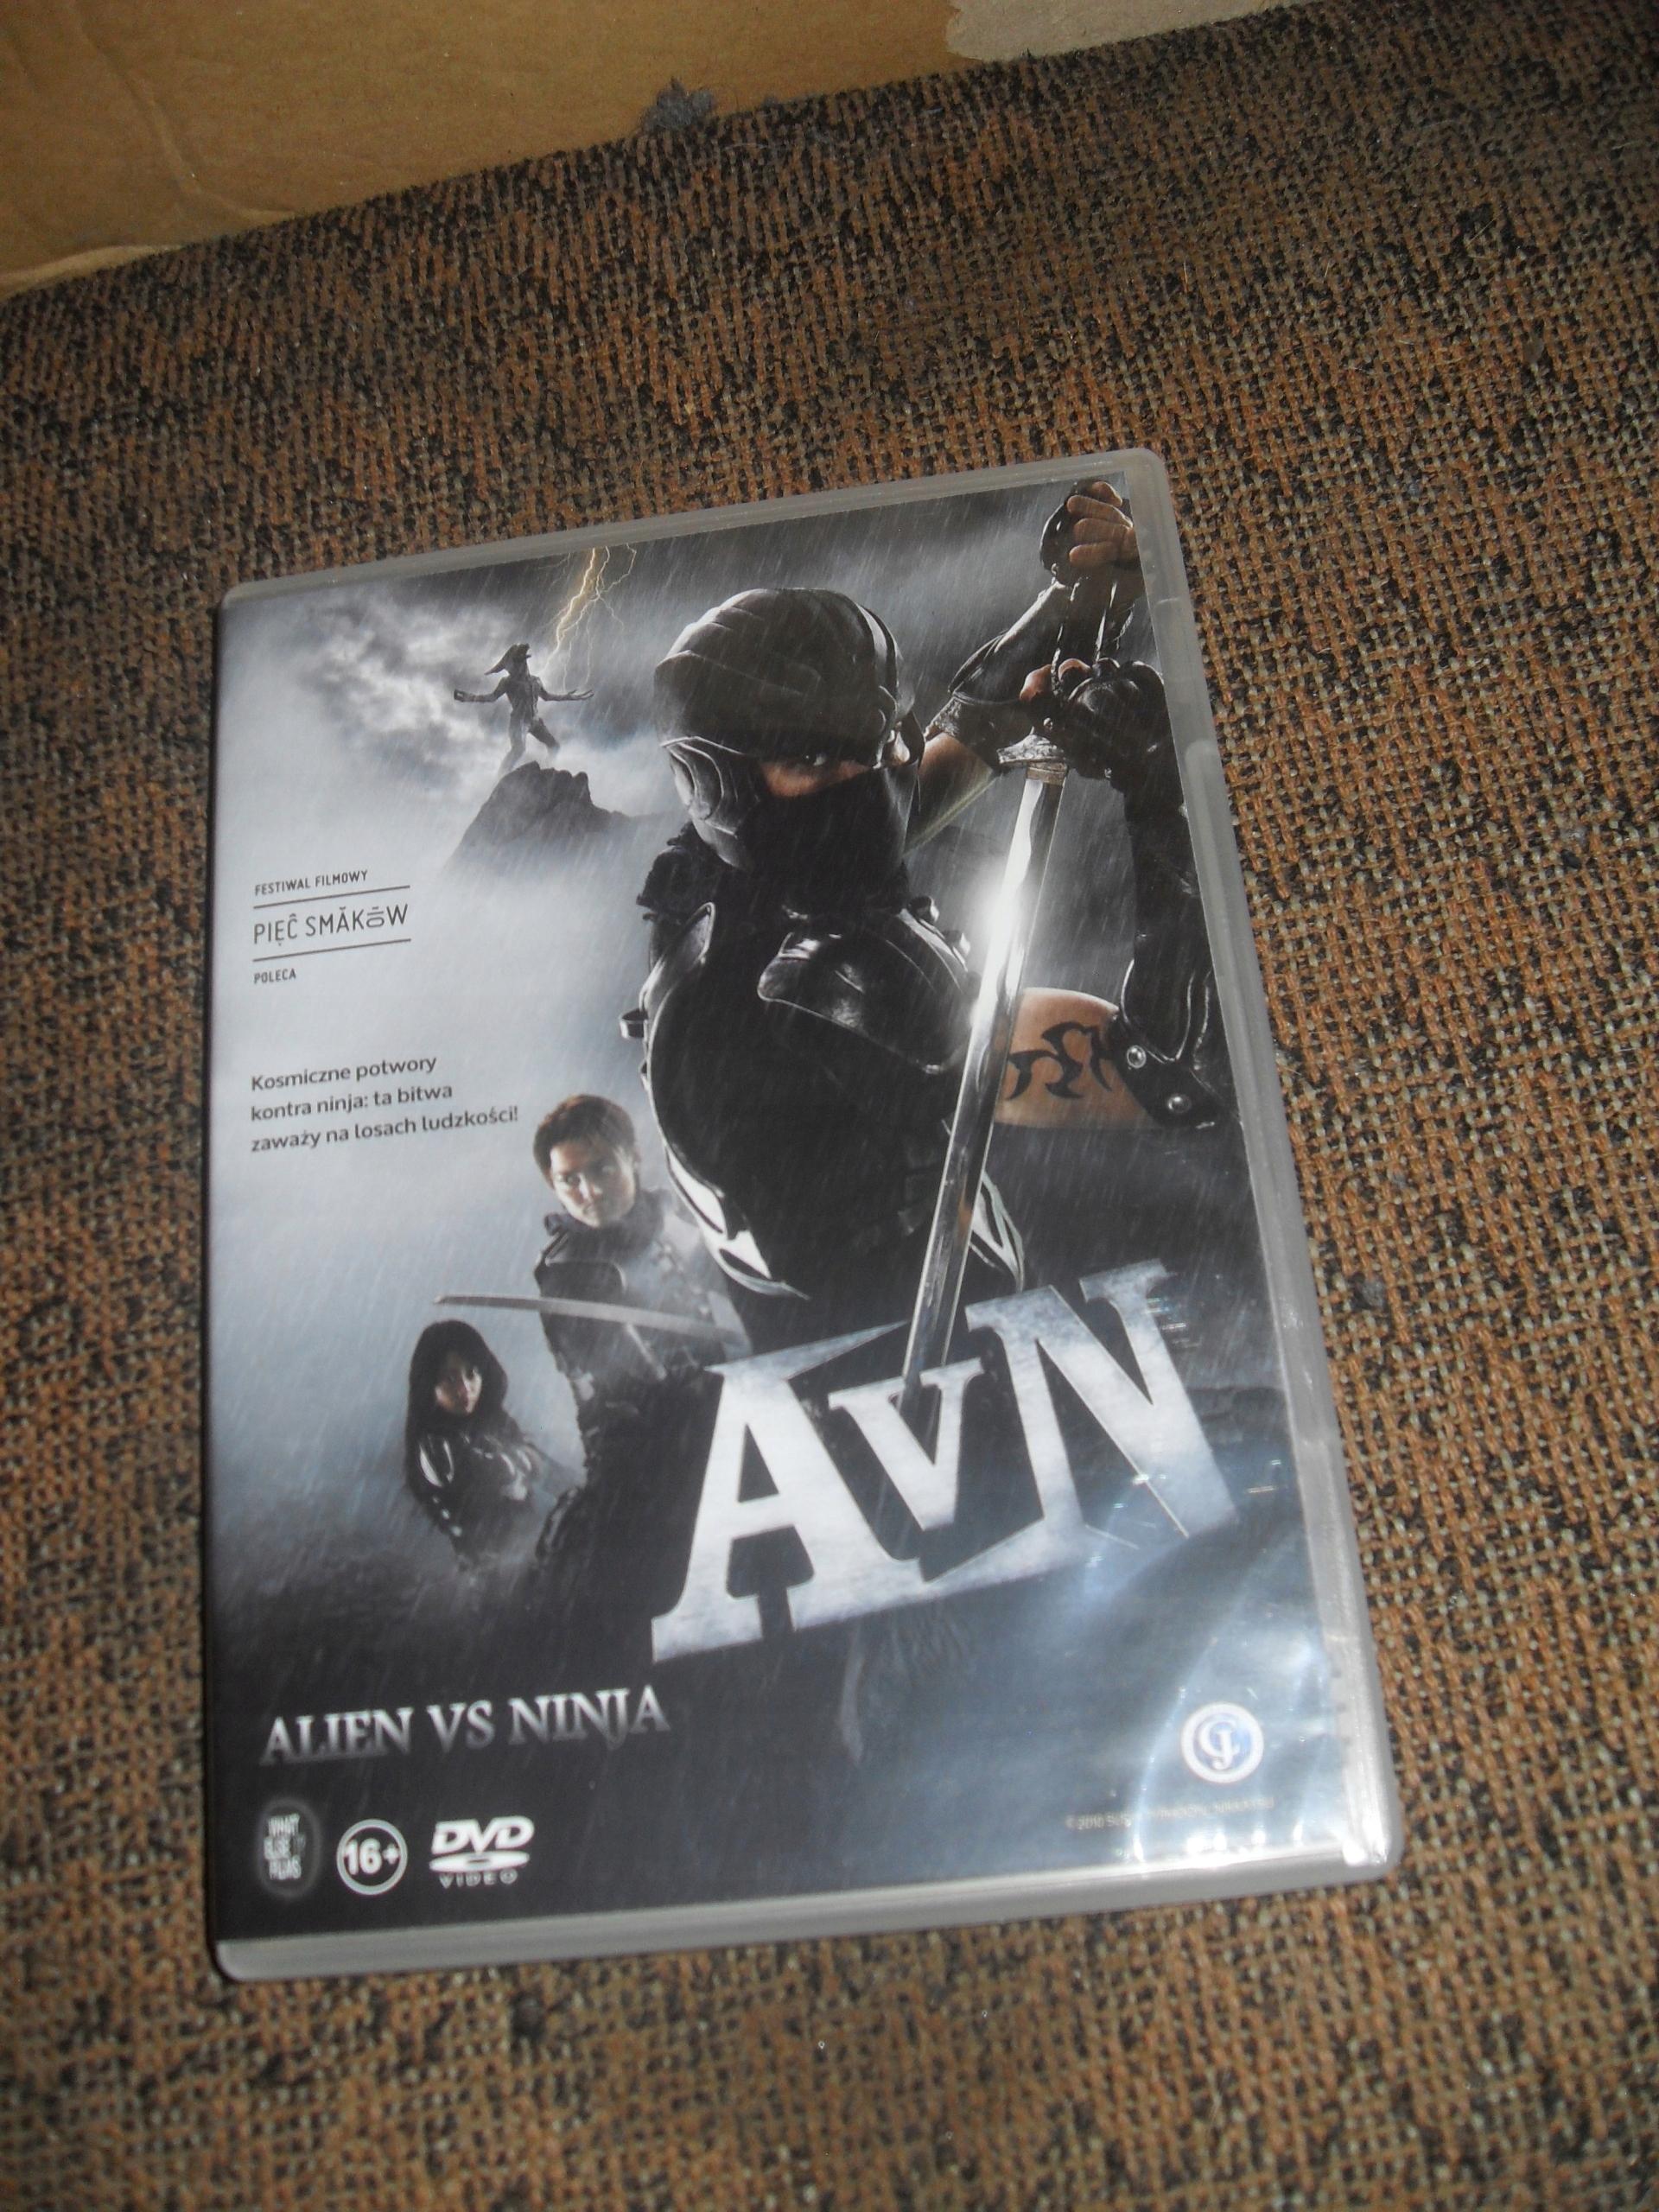 Alien vs Ninja DVD